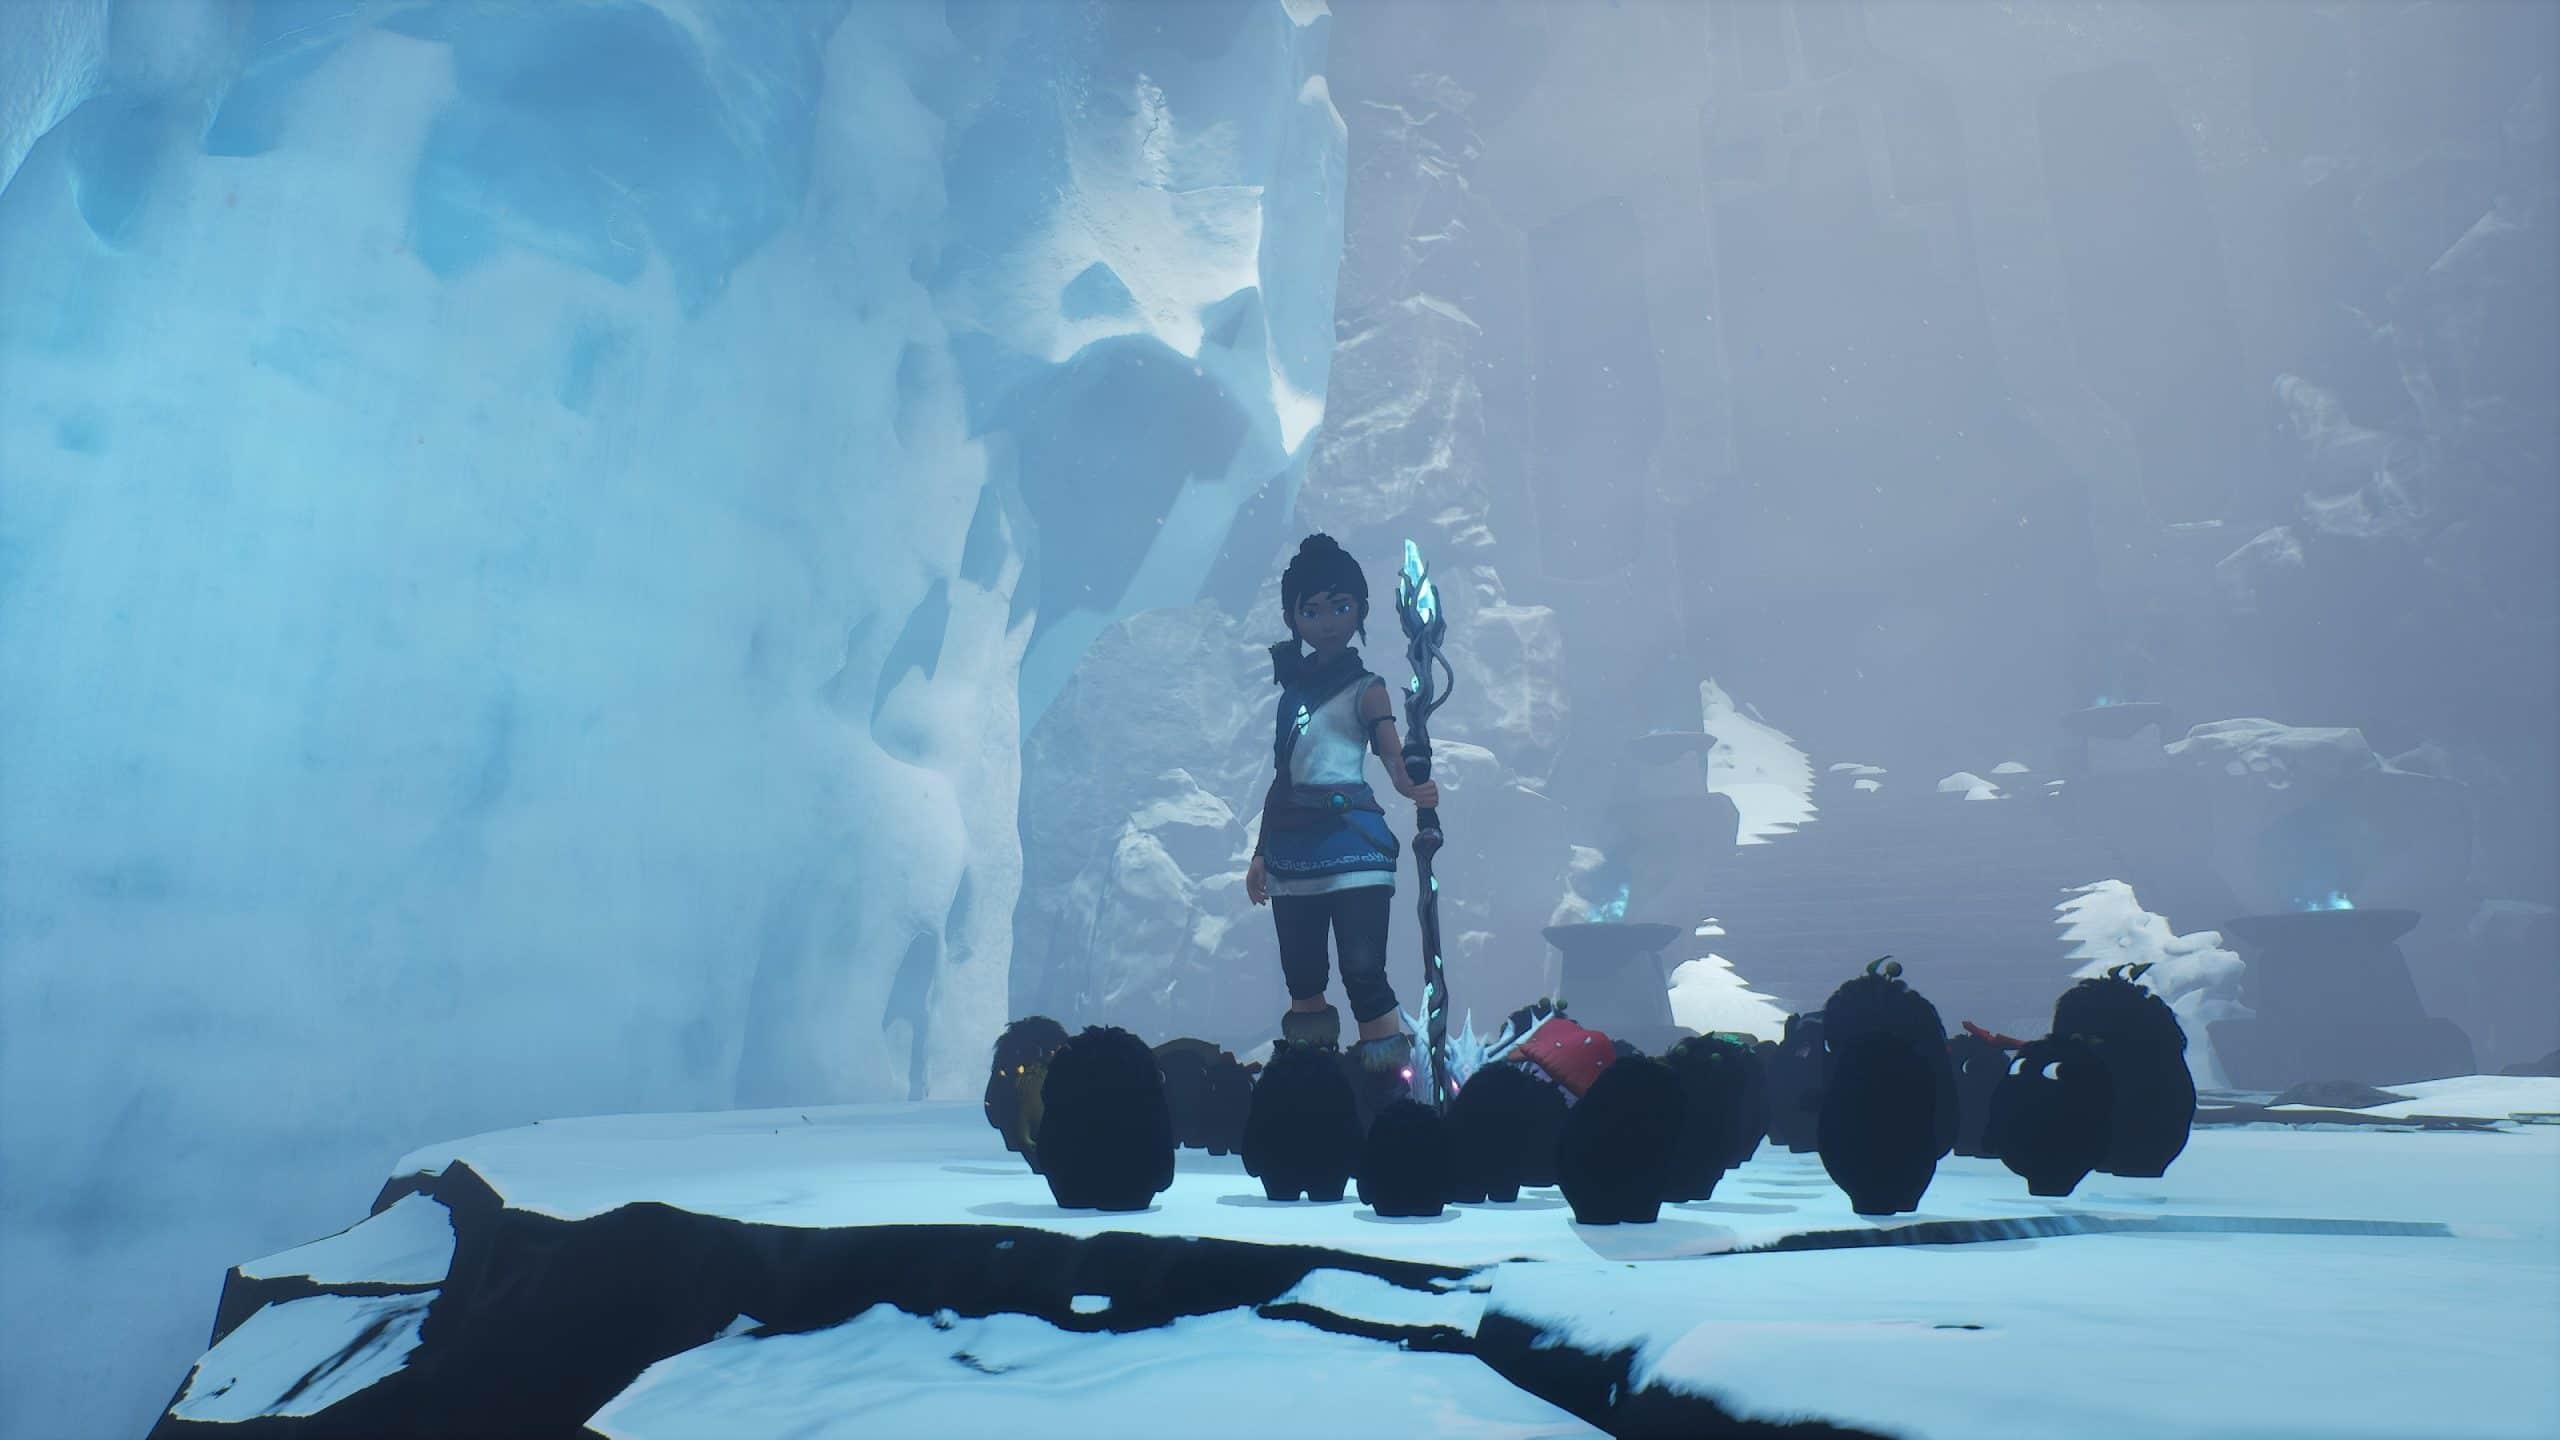 Jogo também tem cenas na neve (Foto: Reprodução/Thiago Barros)